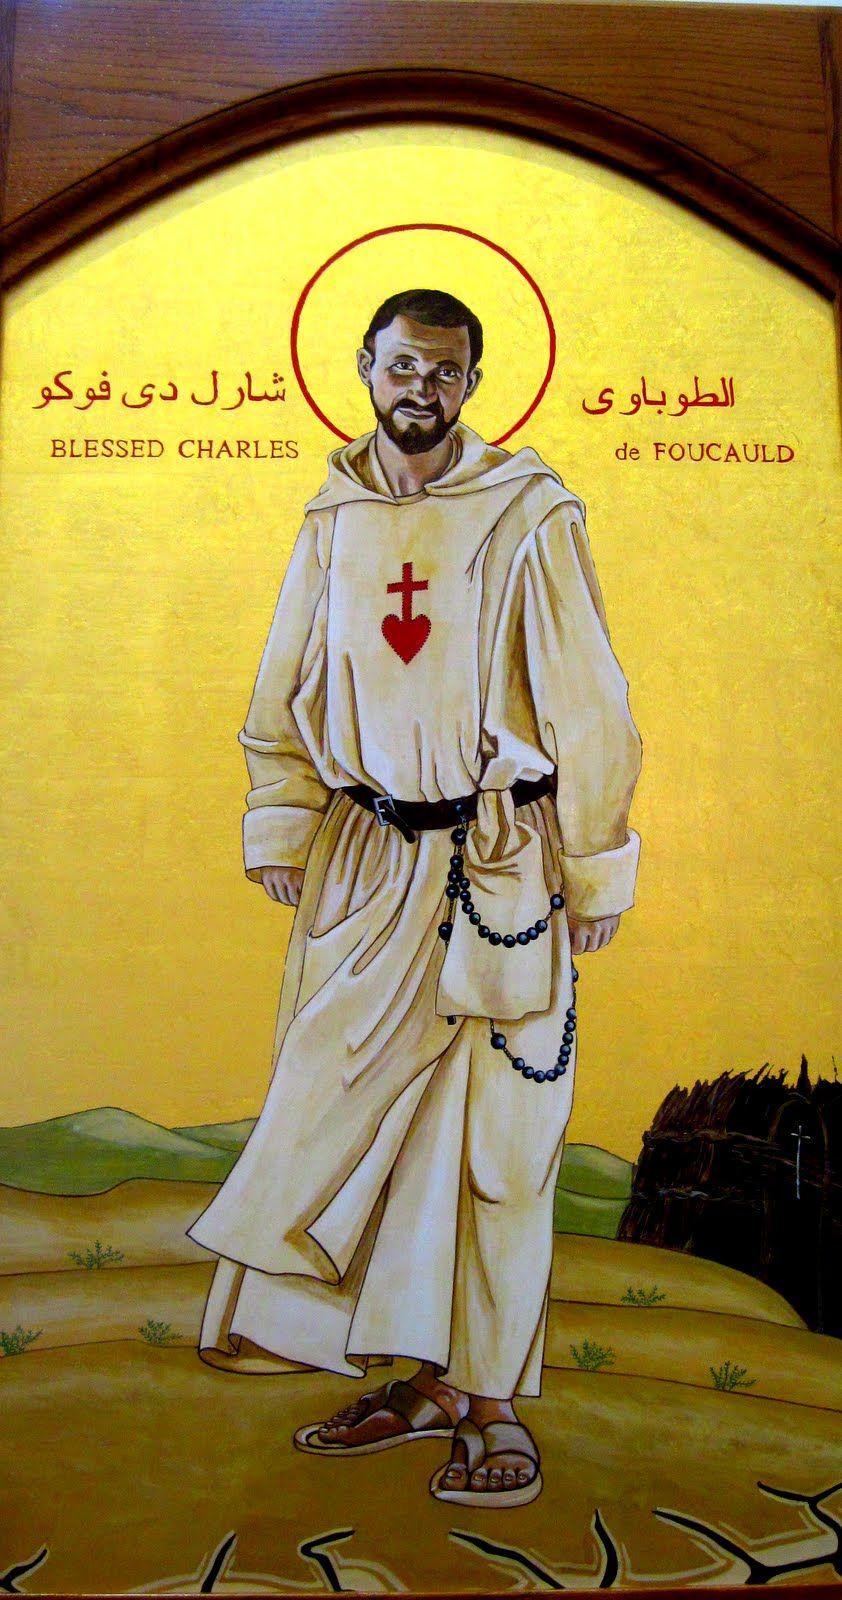 [PRIERE] Prier avec le Frère Charles De Foucauld - Page 2 3f6ea2df9f81af457fdcaa2c18aefabf